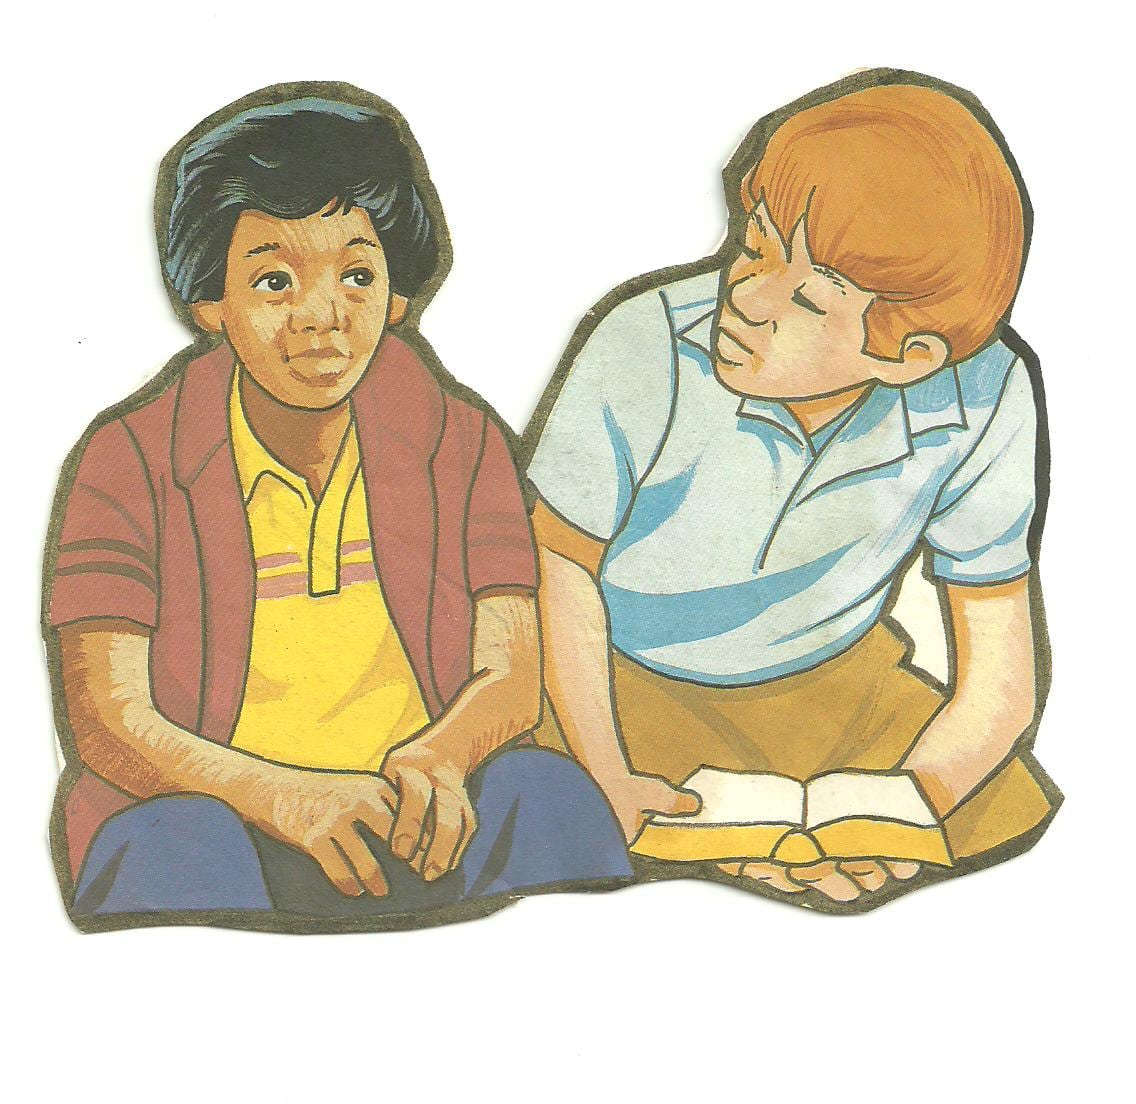 Figuras  Crianças Lendo A Bíblia    M I  Cultivadores De PÉrolas